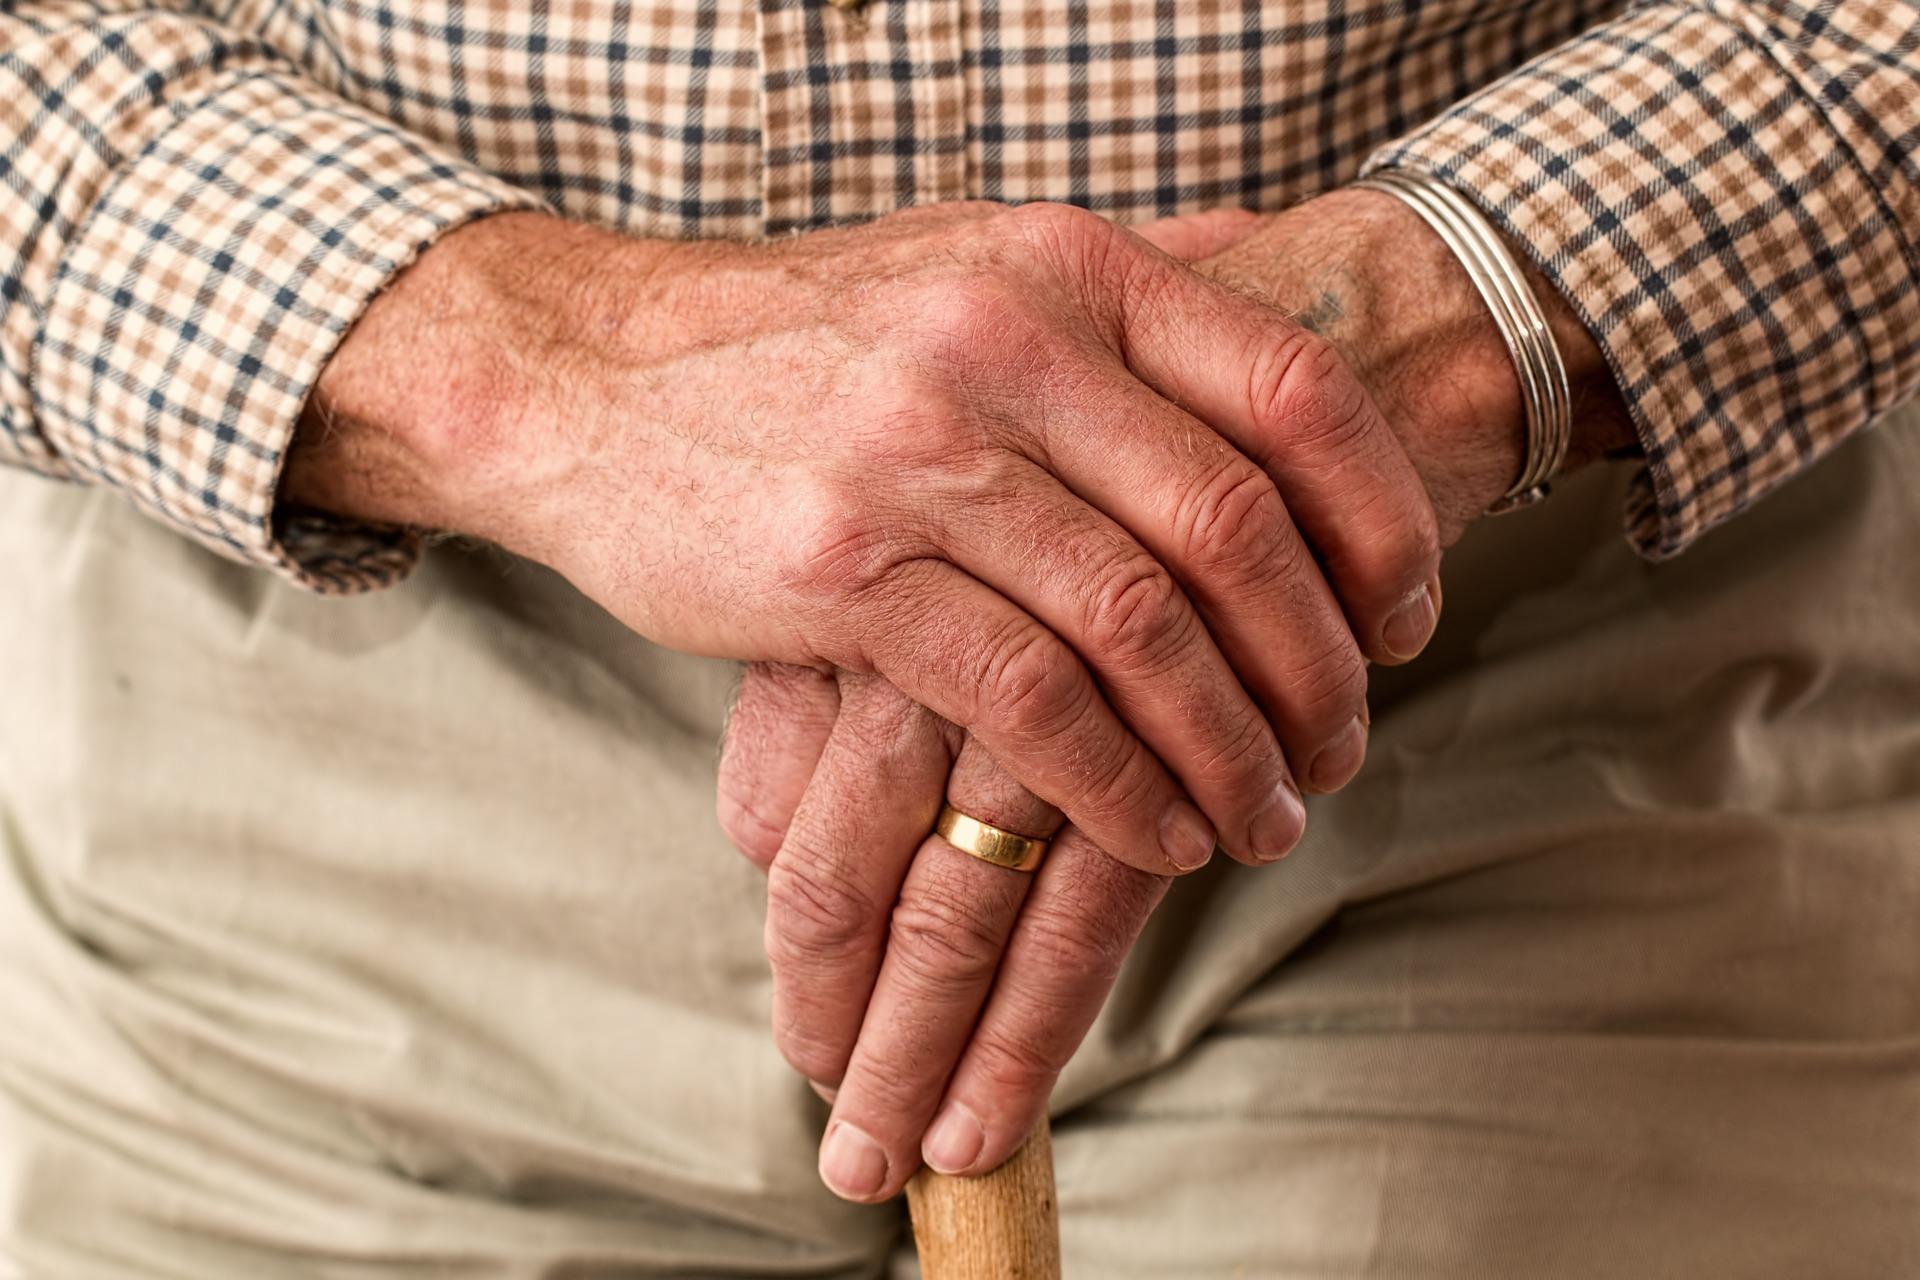 ¿Cómo levantar a una persona mayor?